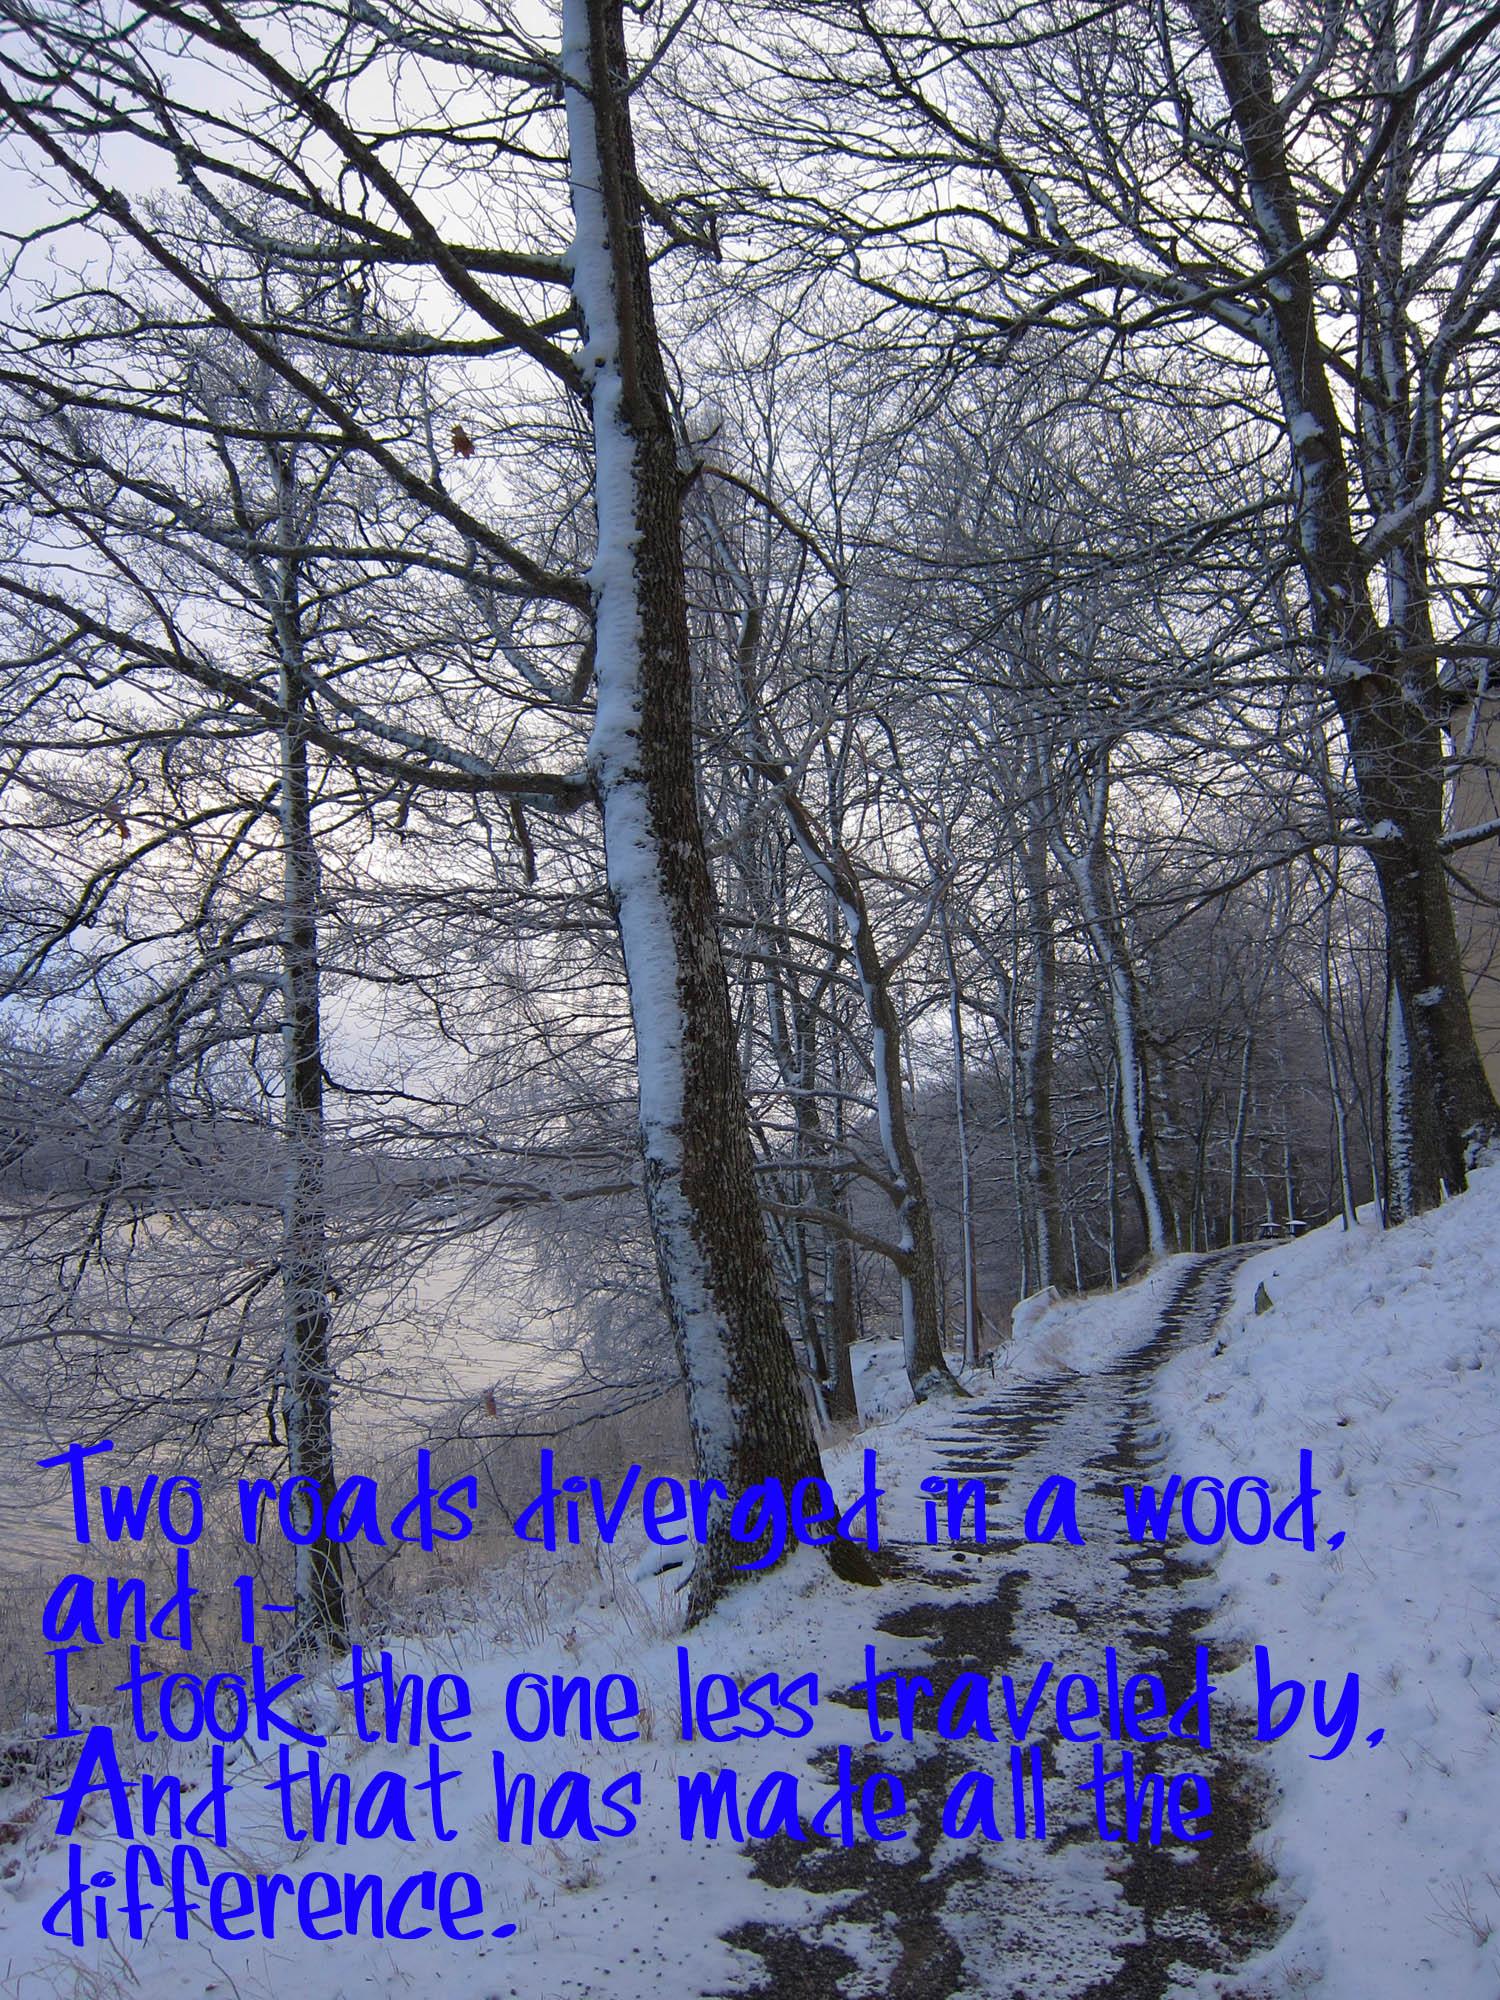 2012-12-13 quote